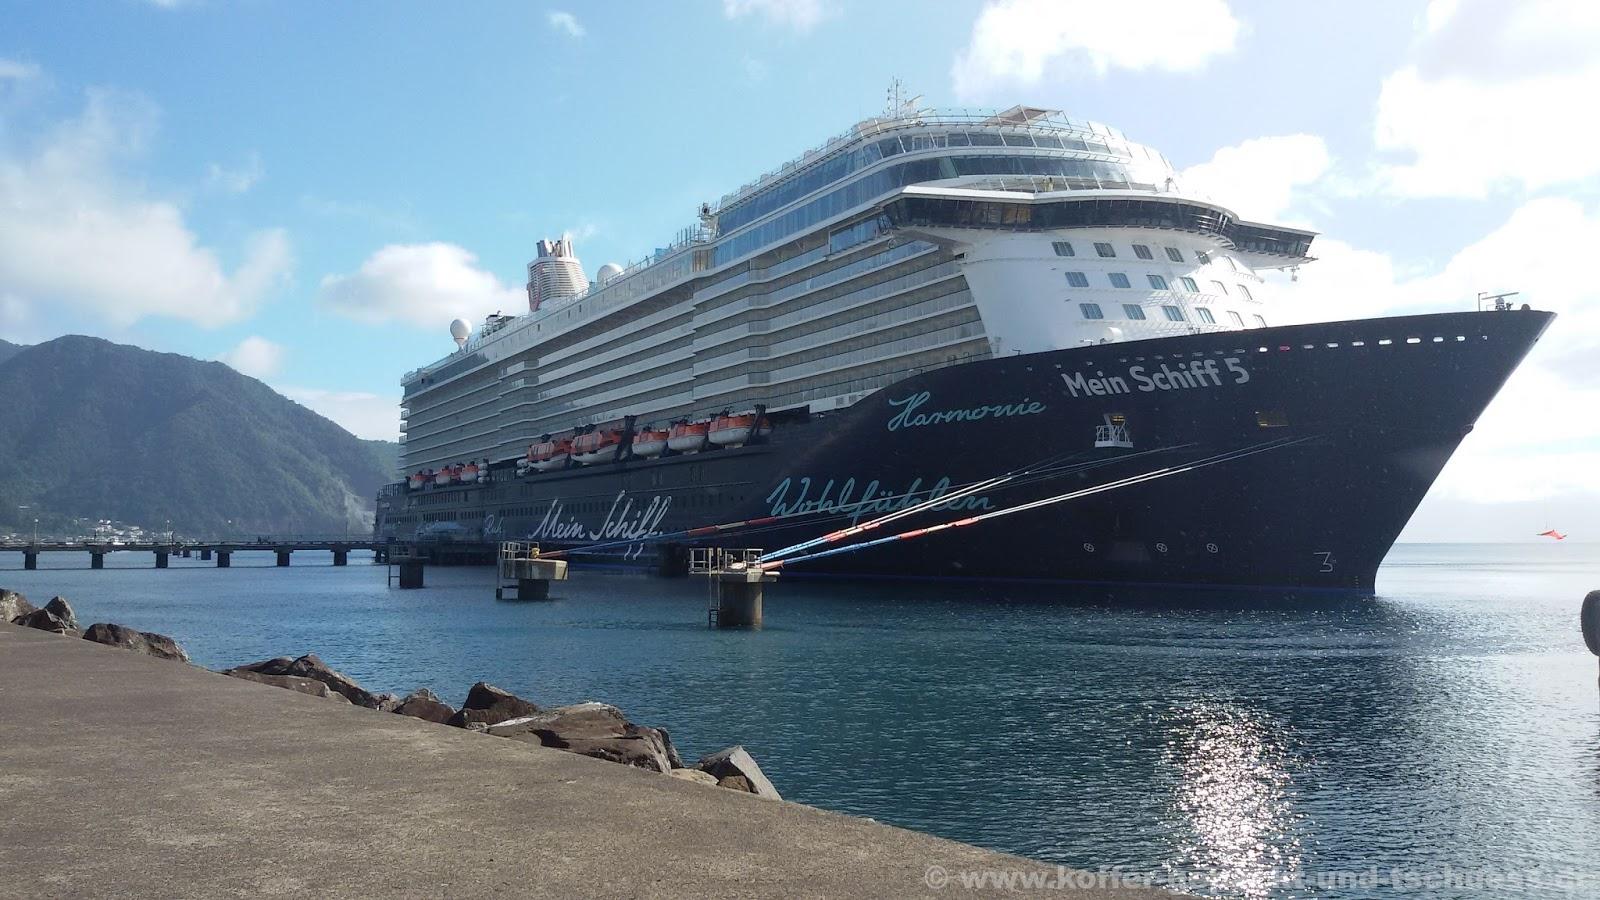 Koffer gepackt und tschuess: Karibik Kreuzfahrt mit Mein Schiff 5